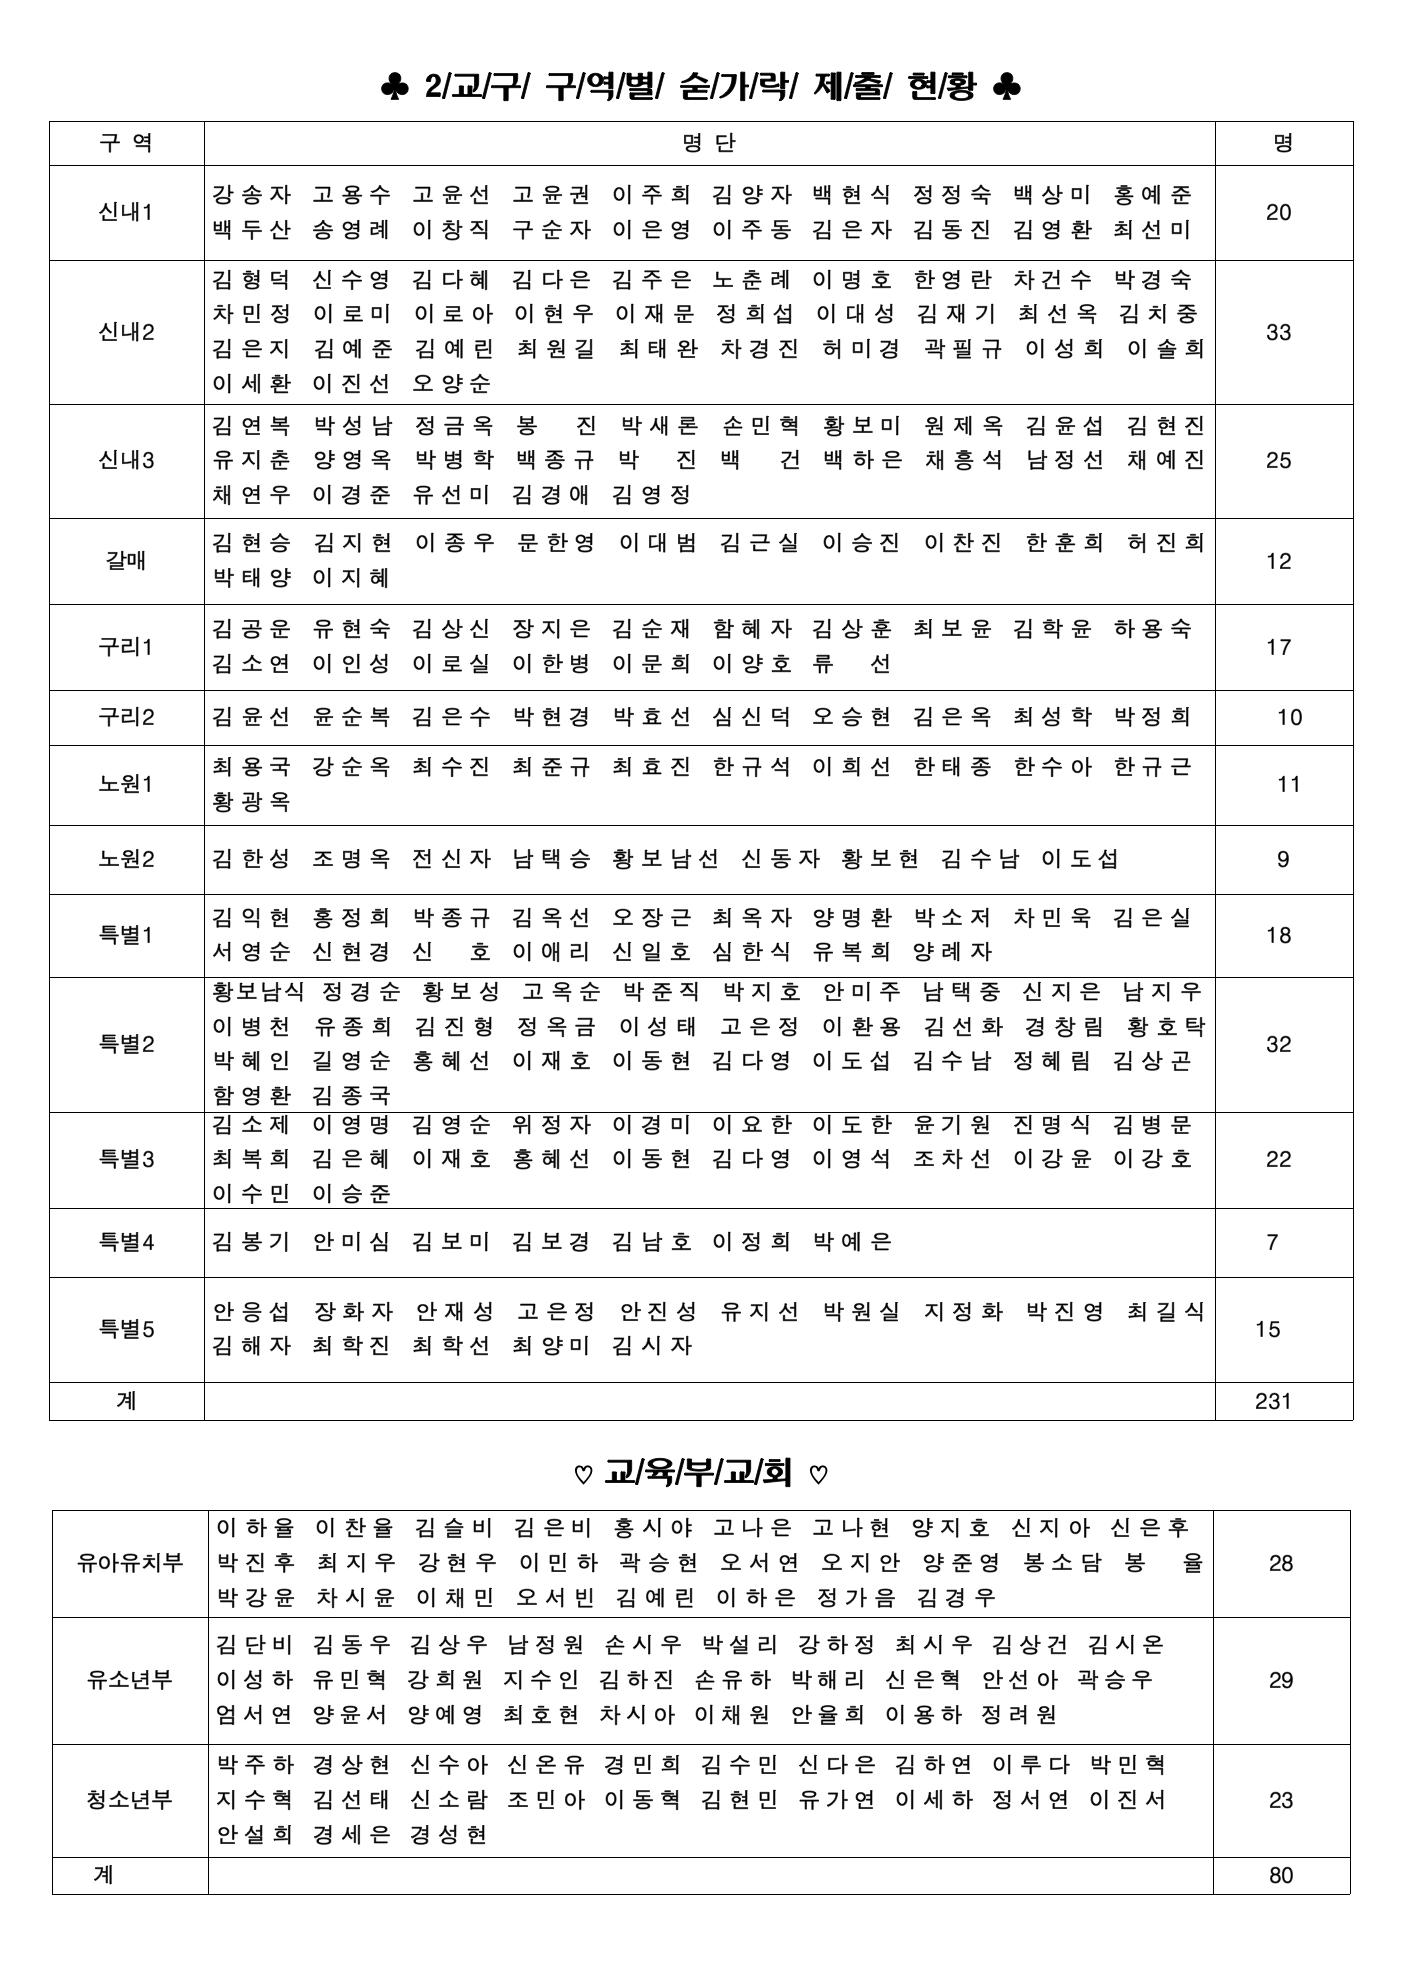 숟가락 수집현황-수정2002.png